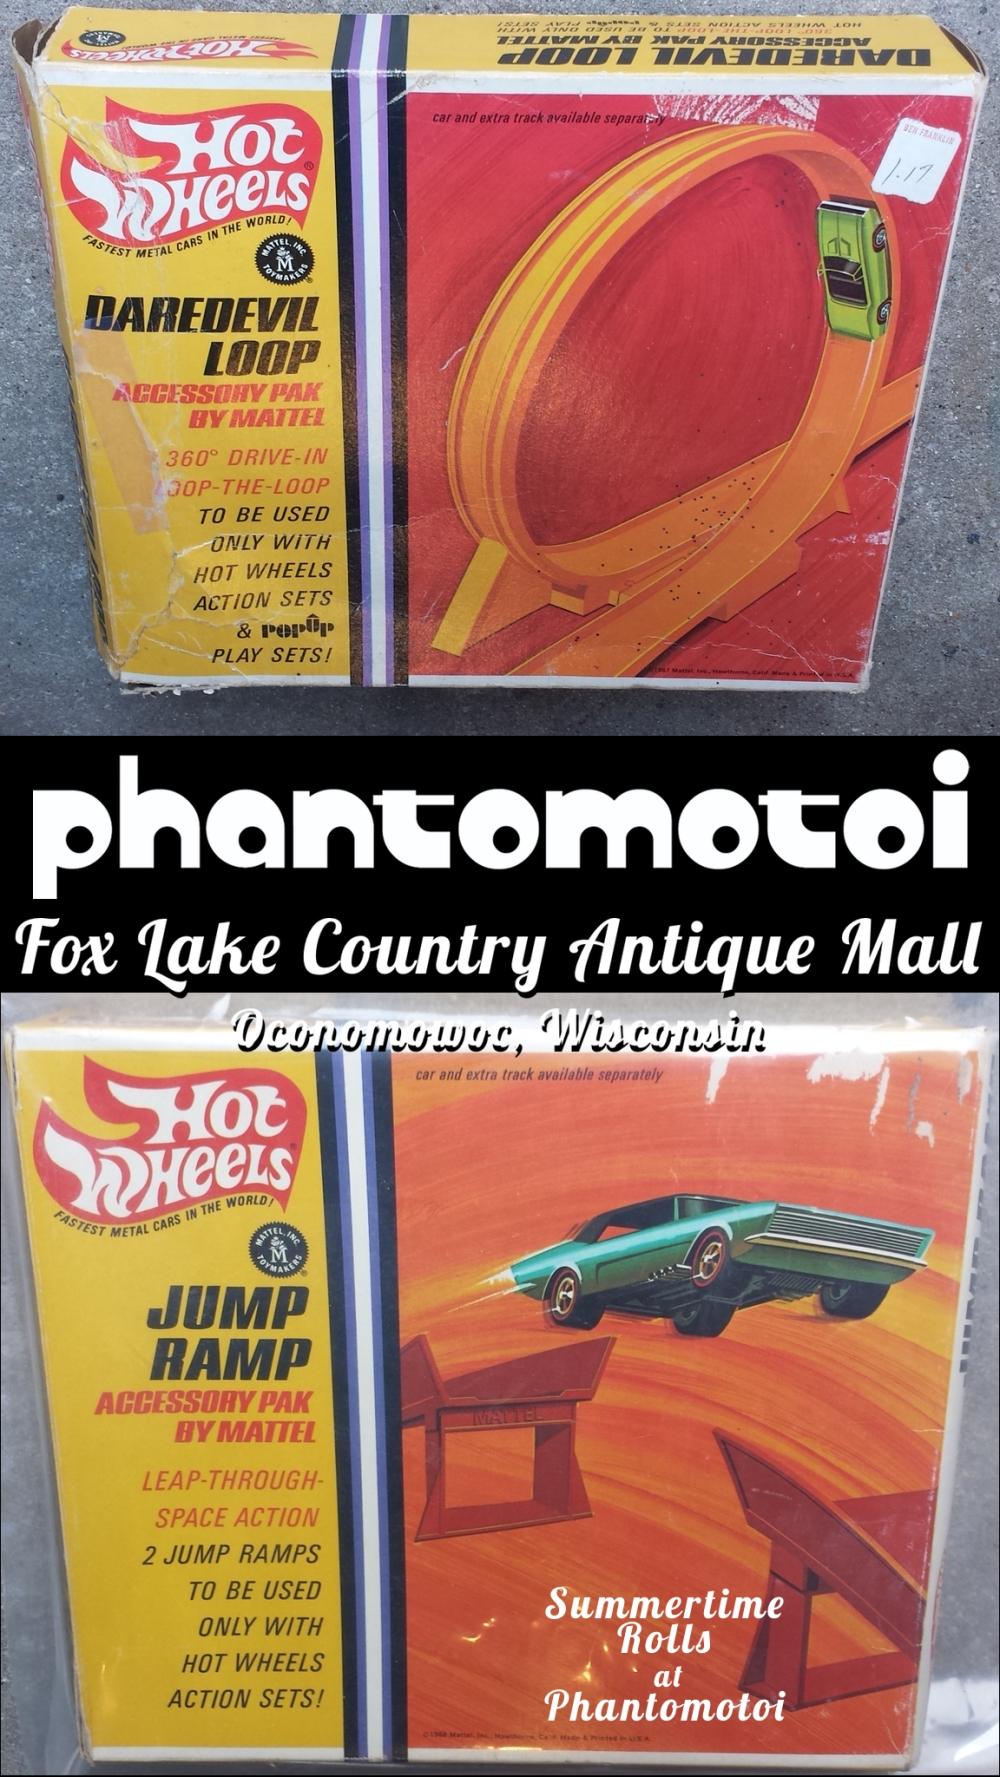 PHANTOMOTOI_HotWheels_boxes_1152w